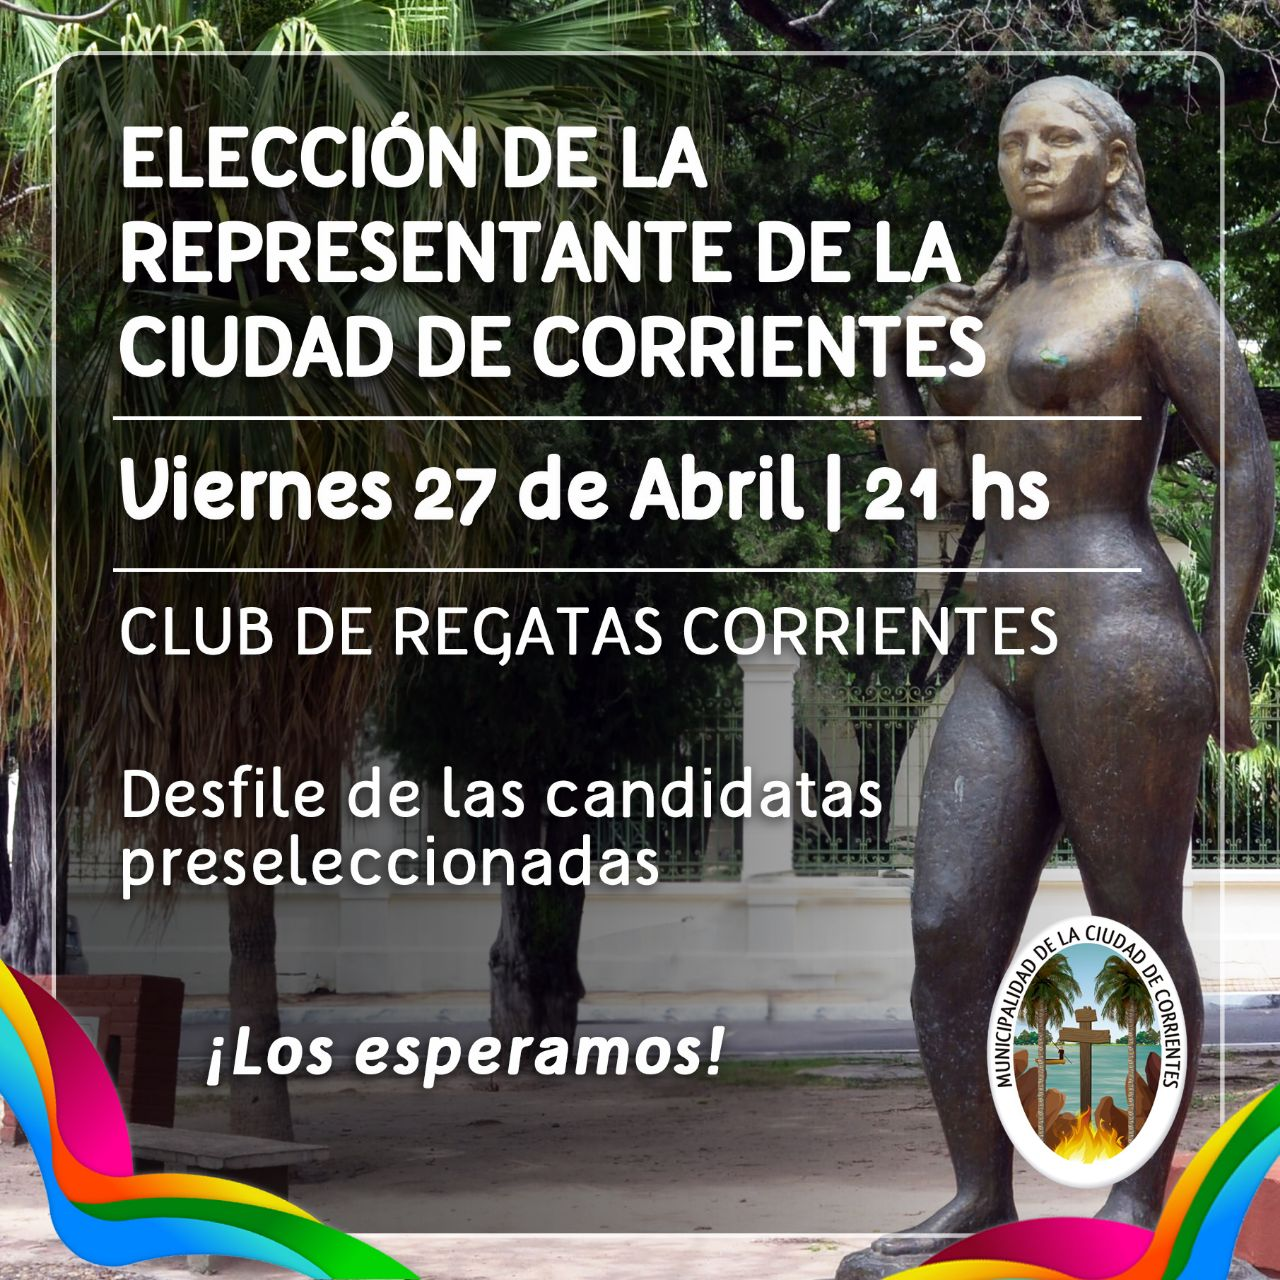 La Municipalidad de Corrientes evaluó los conocimientos en historia y cultura de las candidatas a representante de la Ciudad